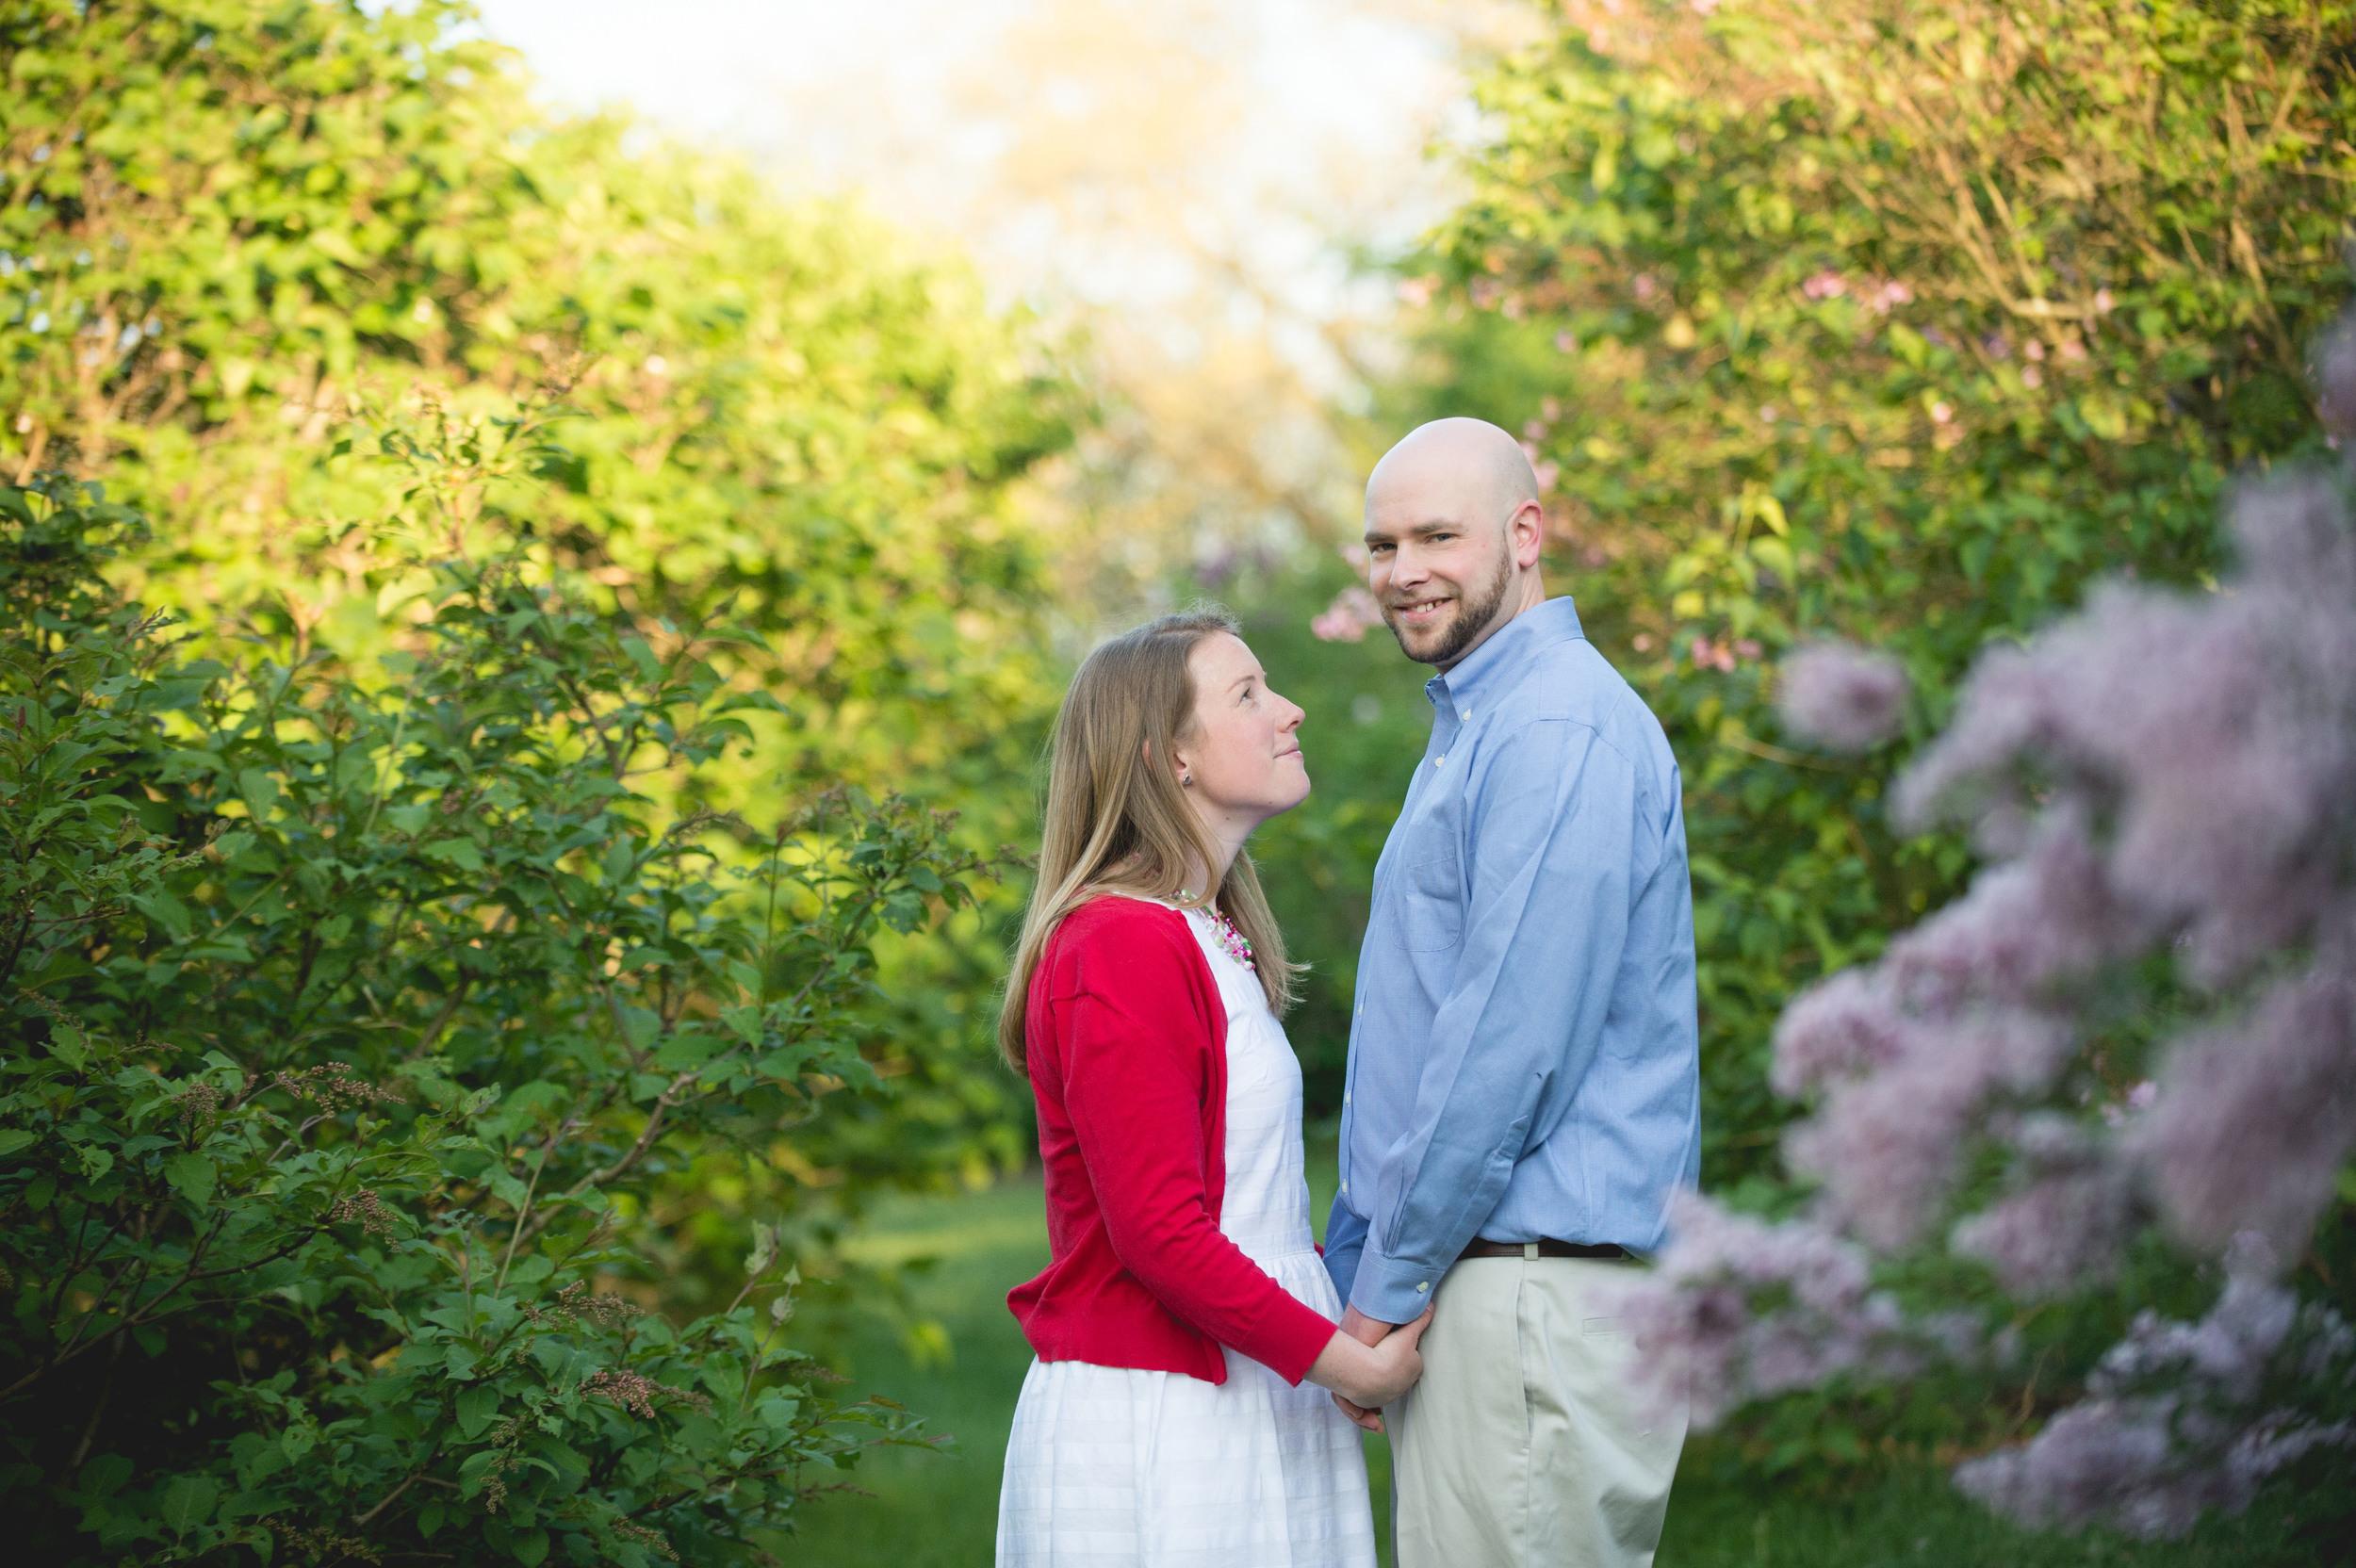 Arnold_Arboretum_Engagement007.jpg